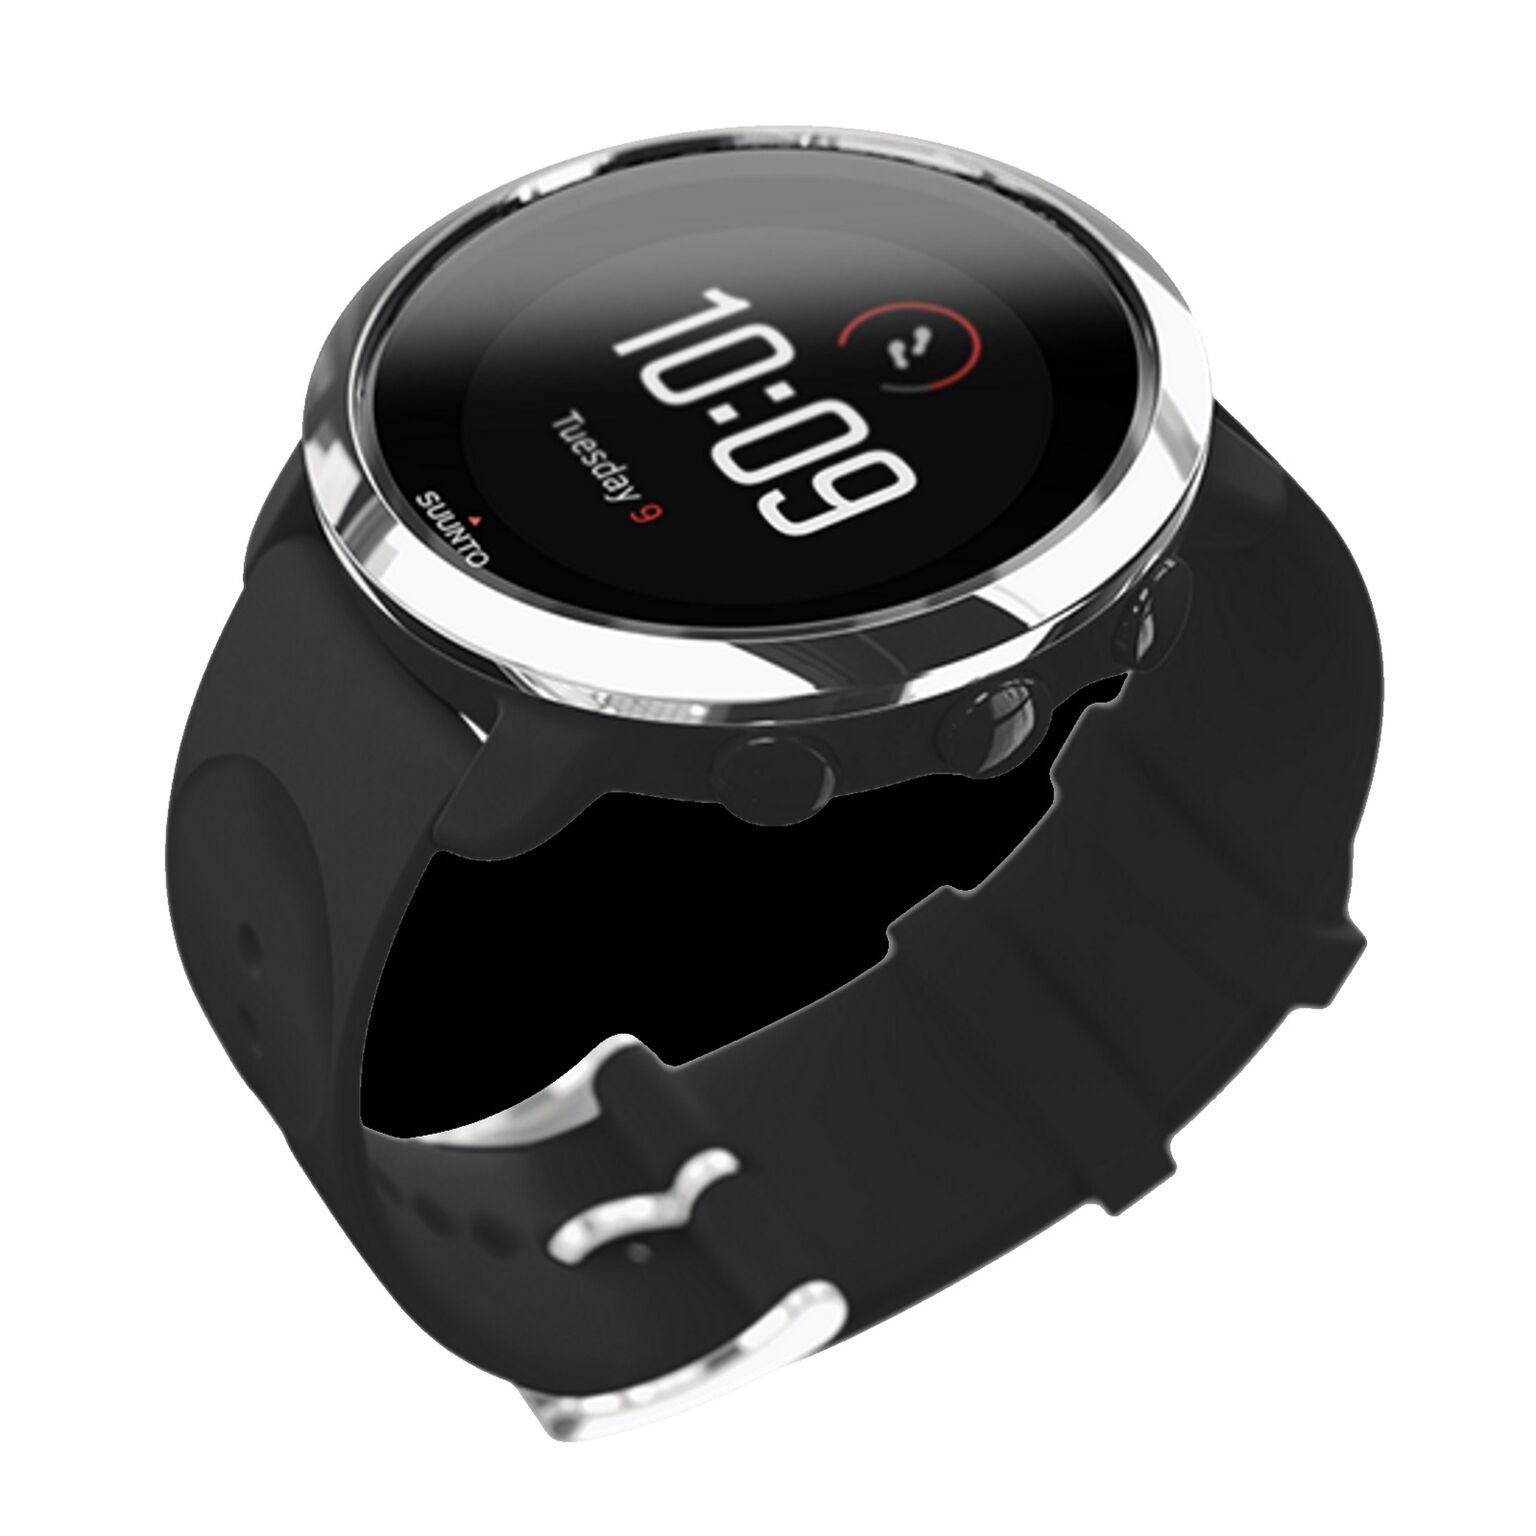 שעון כושר עם דופק מובנה עשיר בפונקציות חכמות דגם Suunto 3 Fitness במגוון צבעים לבחירה - משלוח חינם - תמונה 3